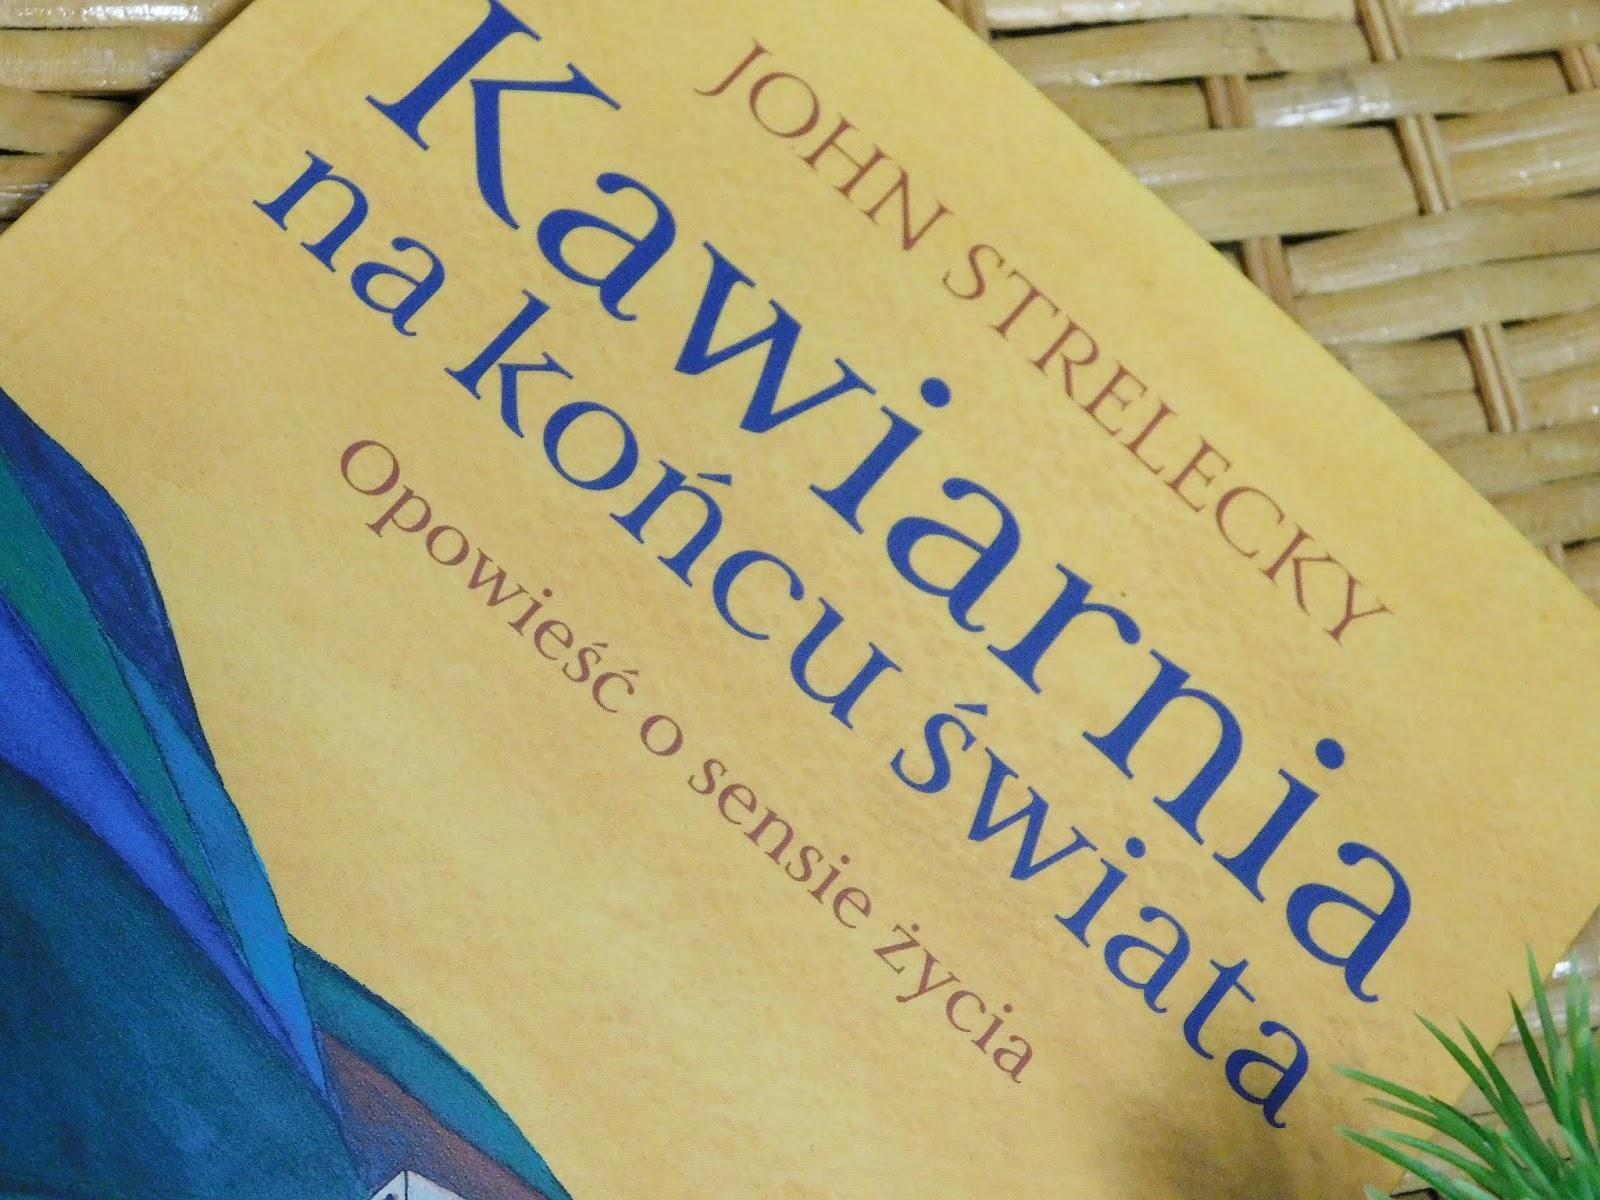 John Strelecky Kawiarnia na końcu świata - opowieść, która zmieni twoje życie!